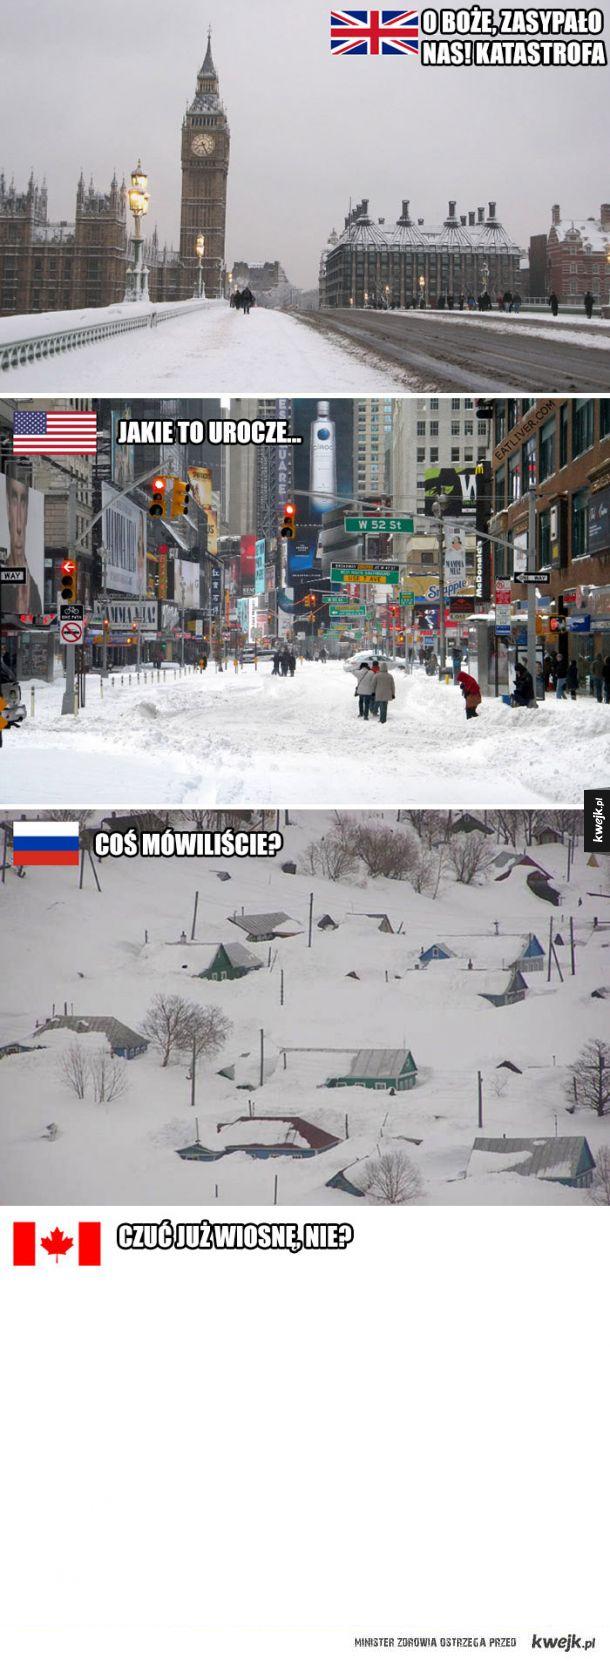 Zima zaskoczyła Brytyjczyków, a Internet się śmieje